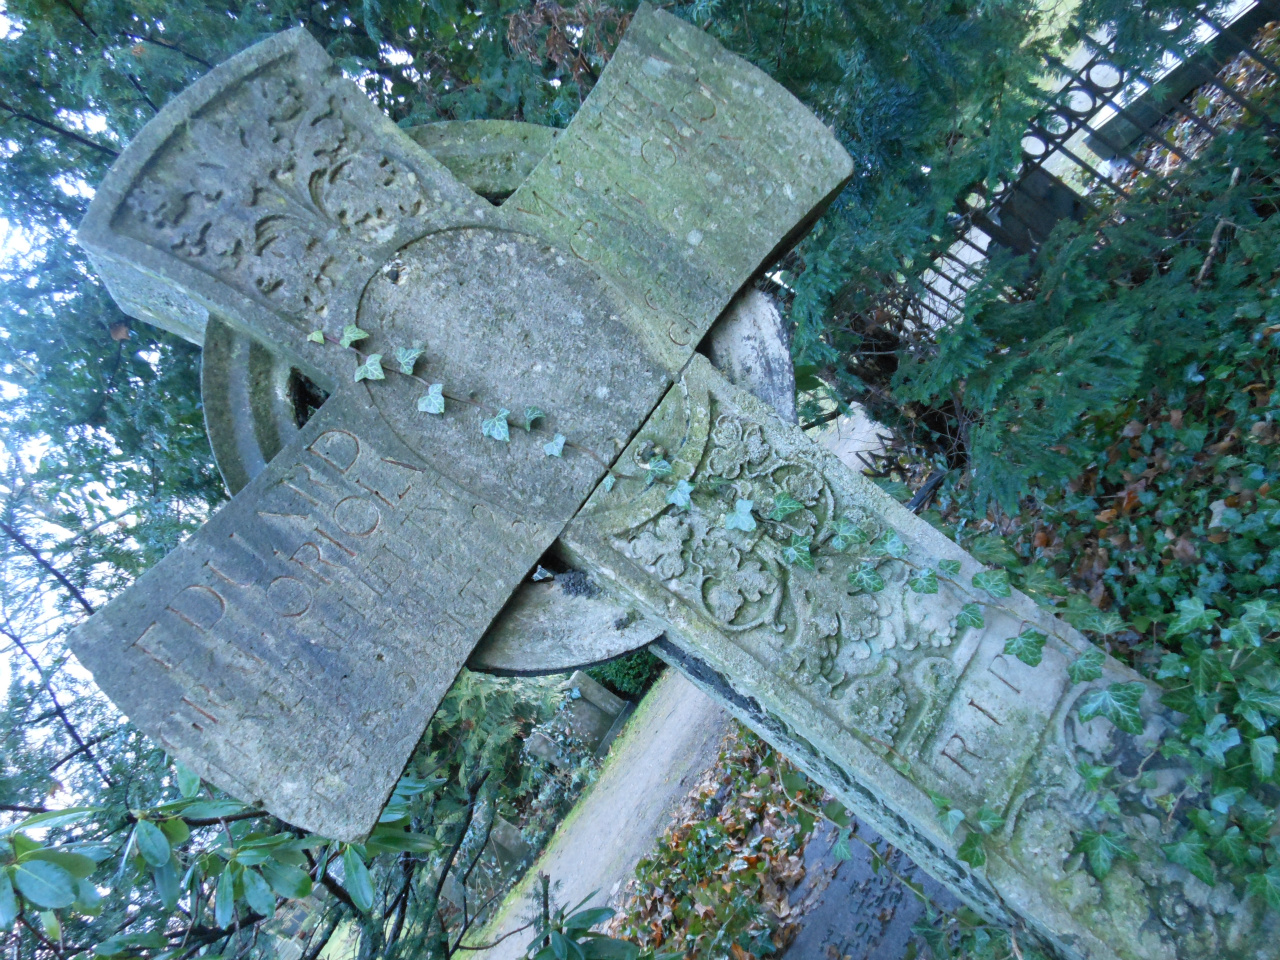 Graf Eduard Oriola en zijn vrouw Maxe daterend van eind 19e eeuw. Nog net leesbare inscripties.